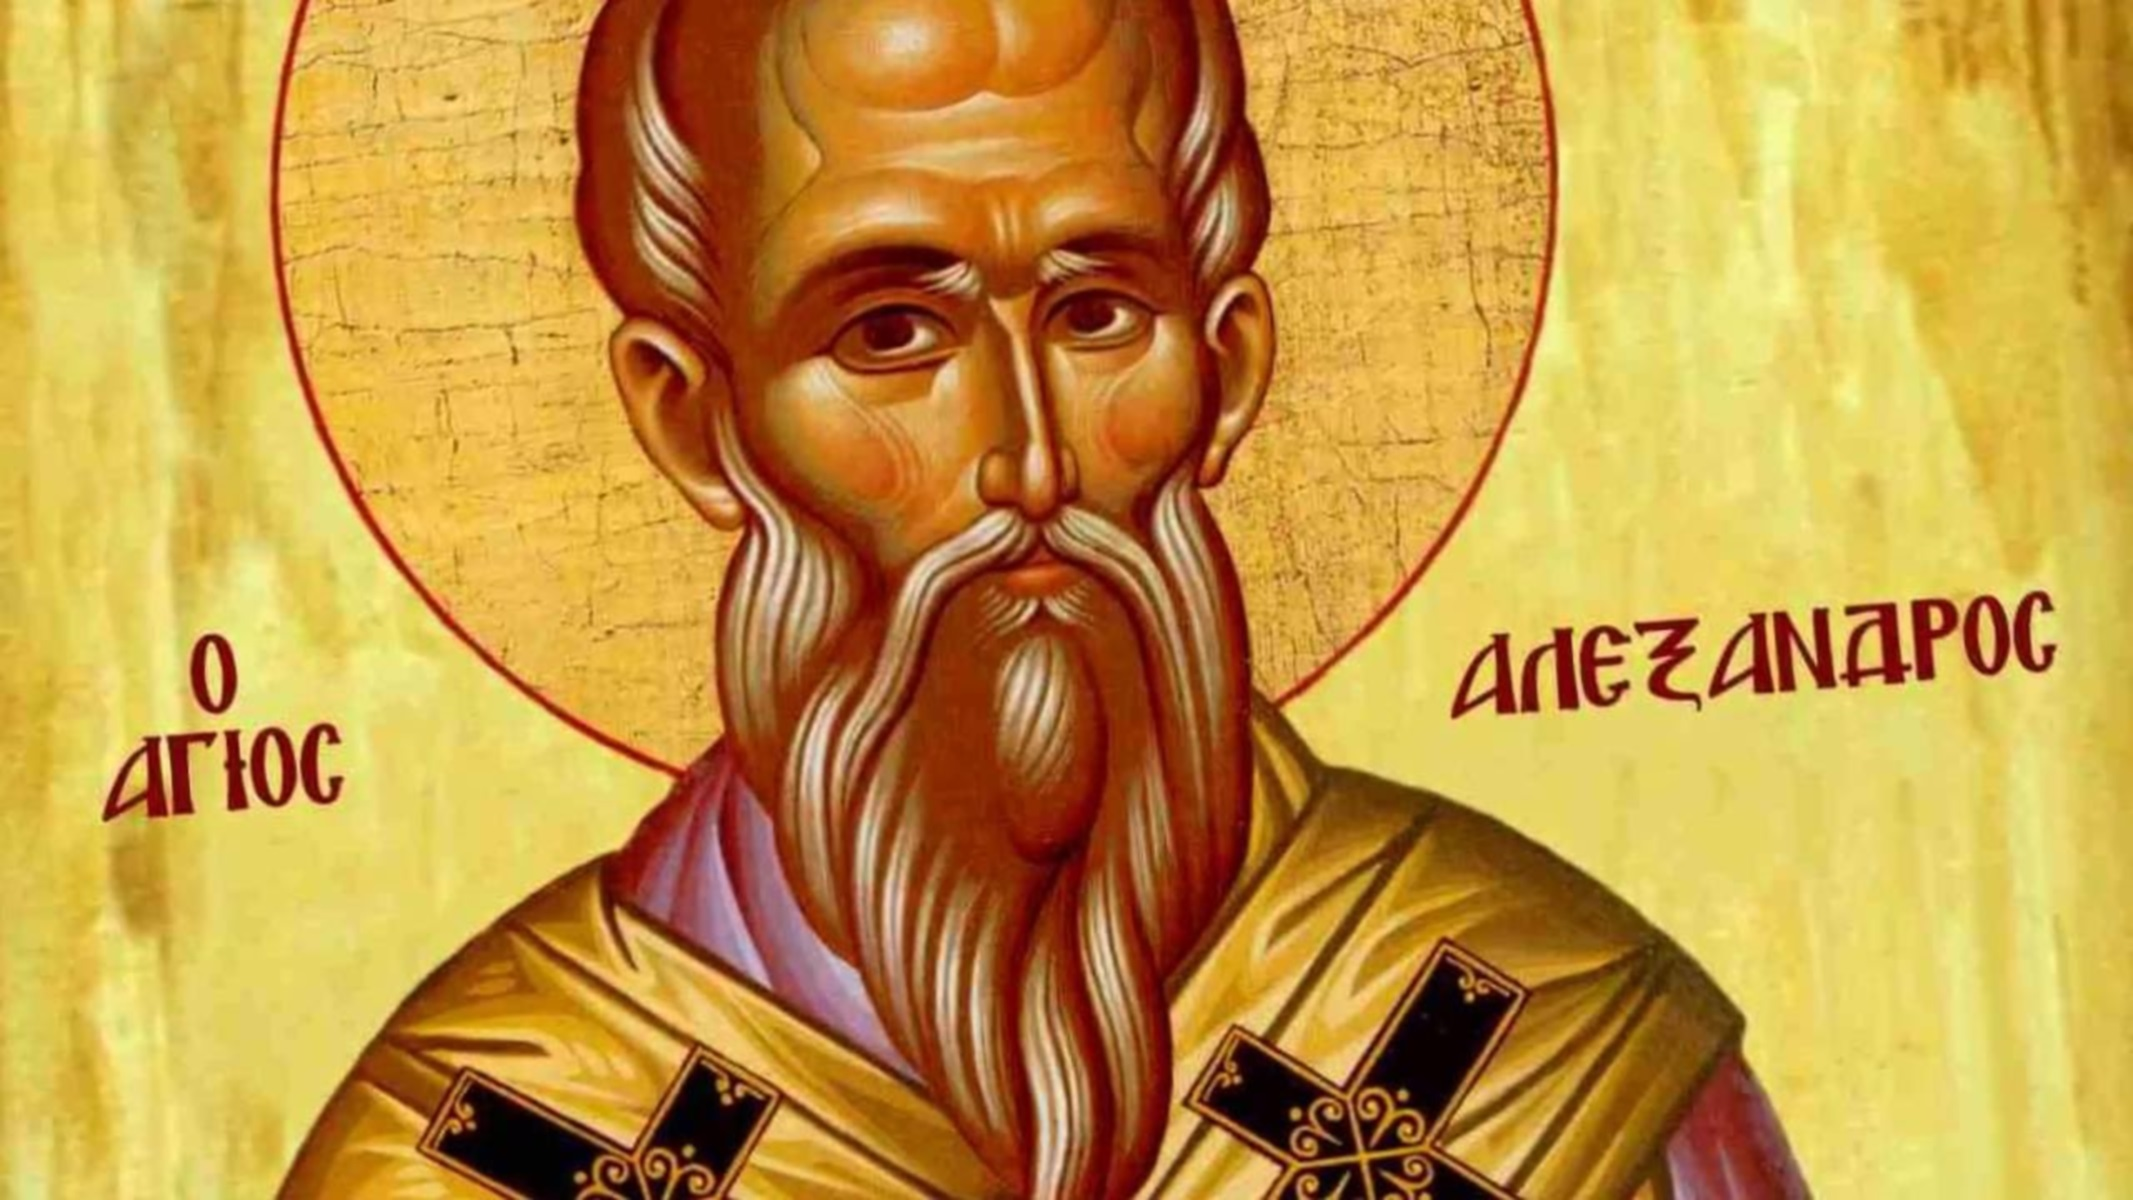 Σήμερα, 30 Αυγούστου, η γιορτή του Αγίου Αλεξάνδρου